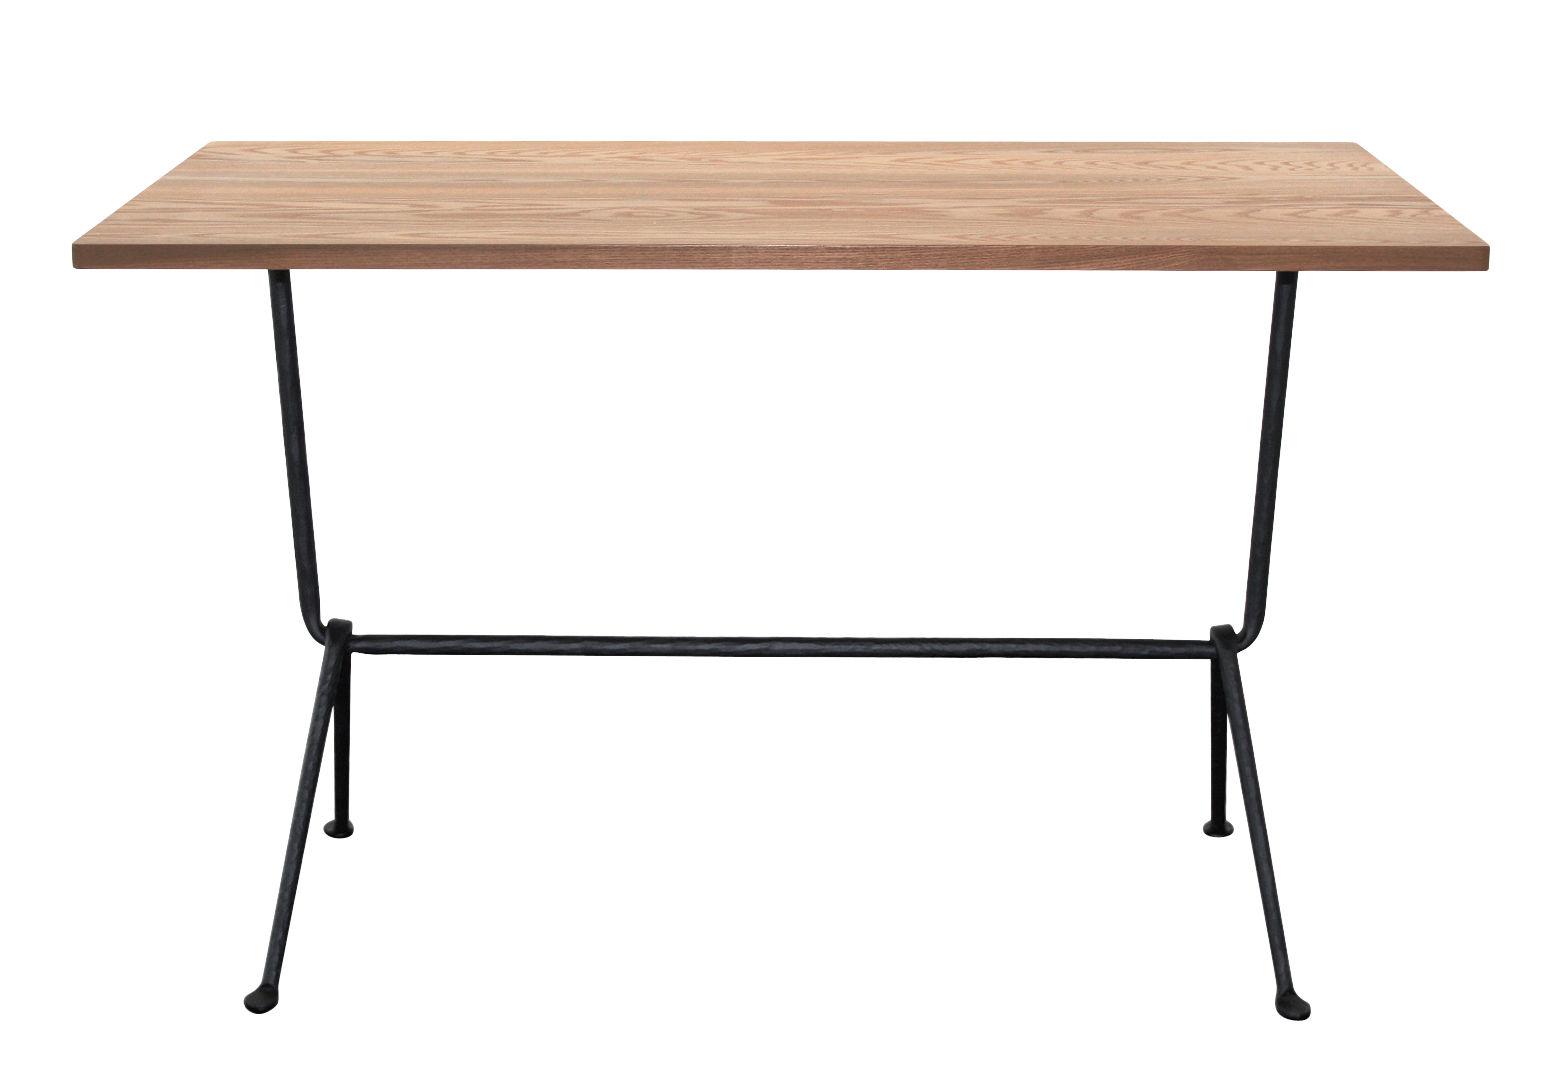 Outdoor - Tables de jardin - Table rectangulaire Officina Bistrot Outdoor / 120 x 60 cm -  Plateau frêne - Magis - Frêne foncé / Pieds noirs - Fer forgé verni, Frêne thermo-traité